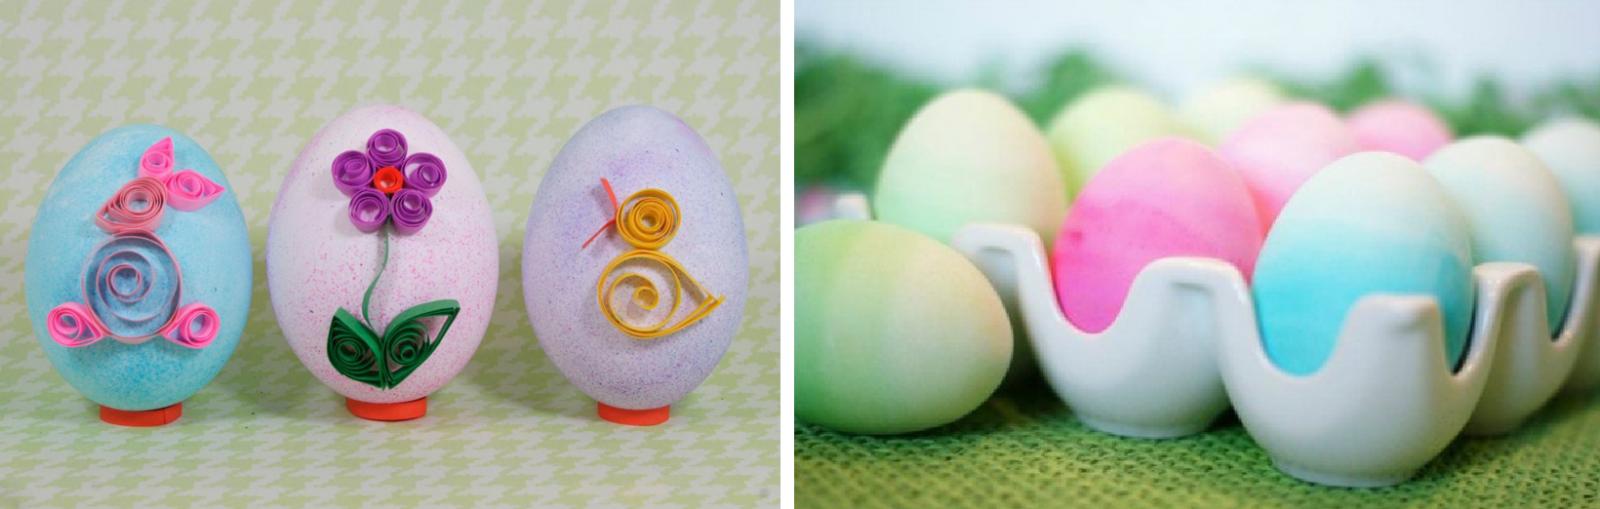 Как сделать сахарные пасхальные яйца 56